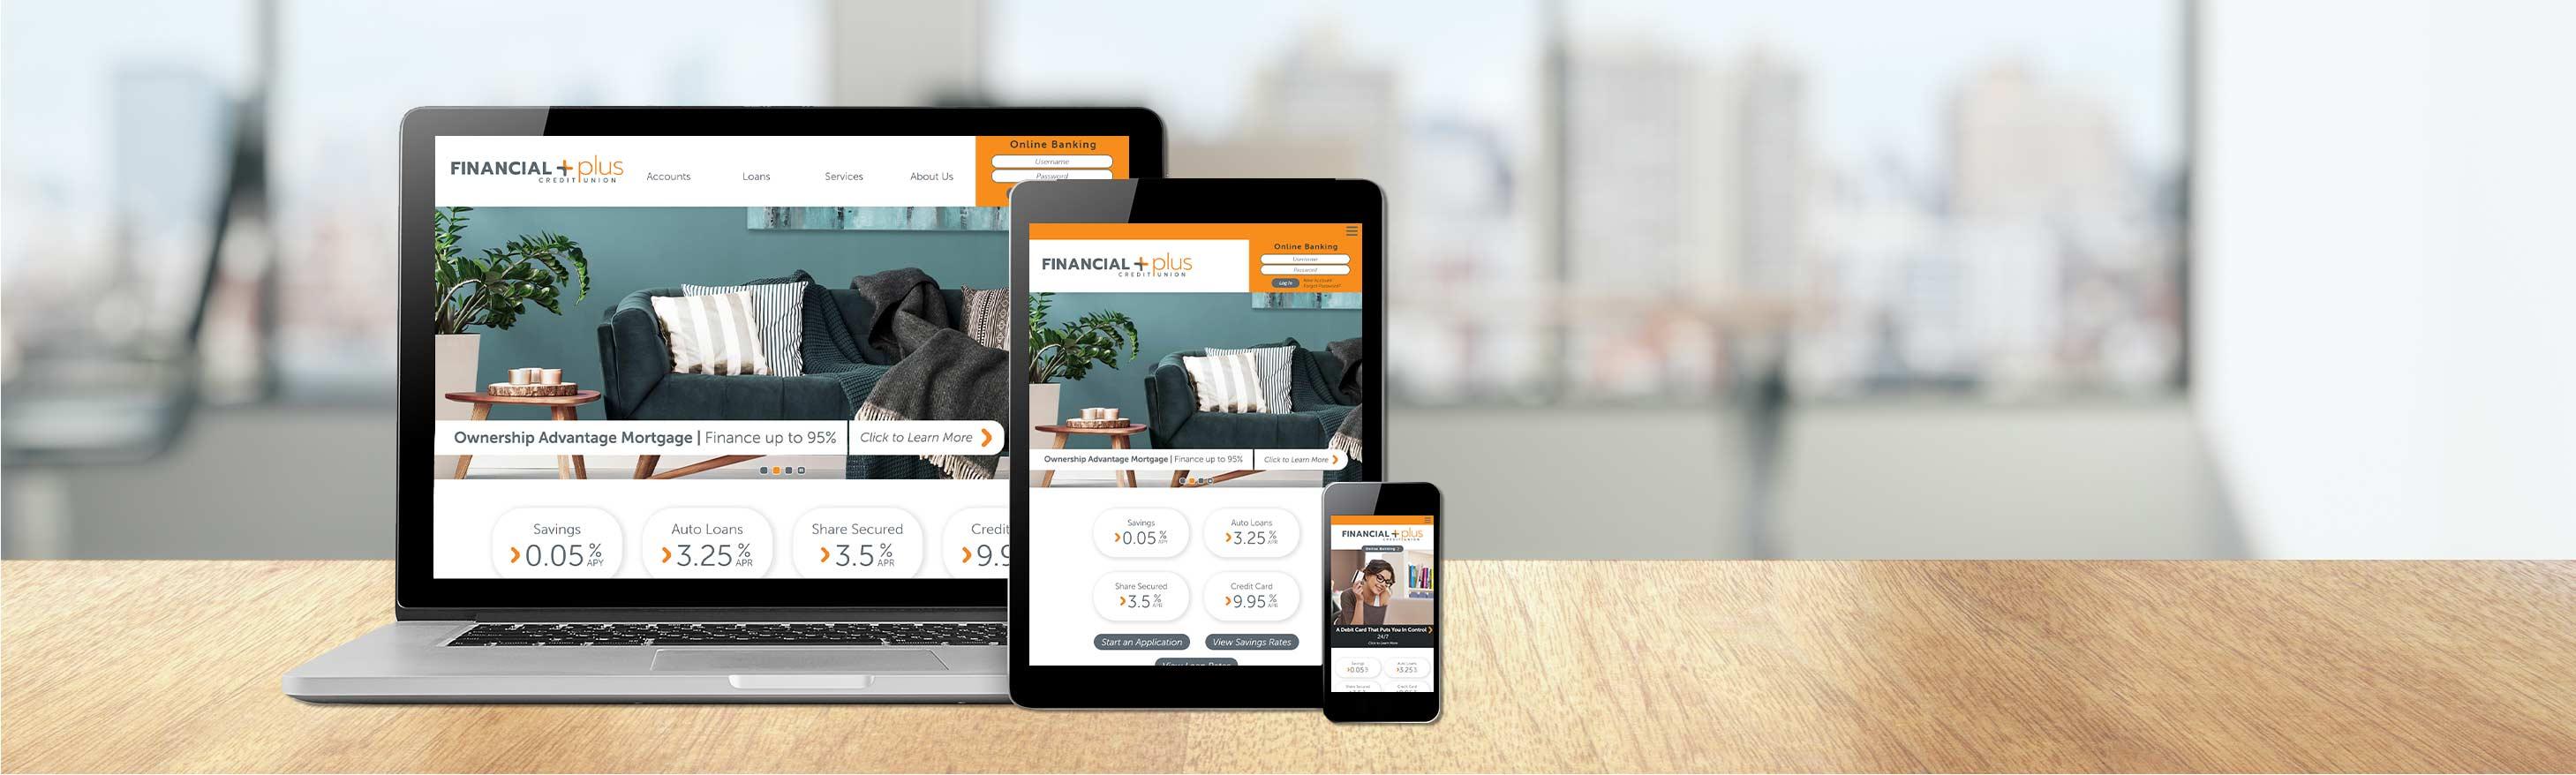 Financial Plus Credit Union's Website Design